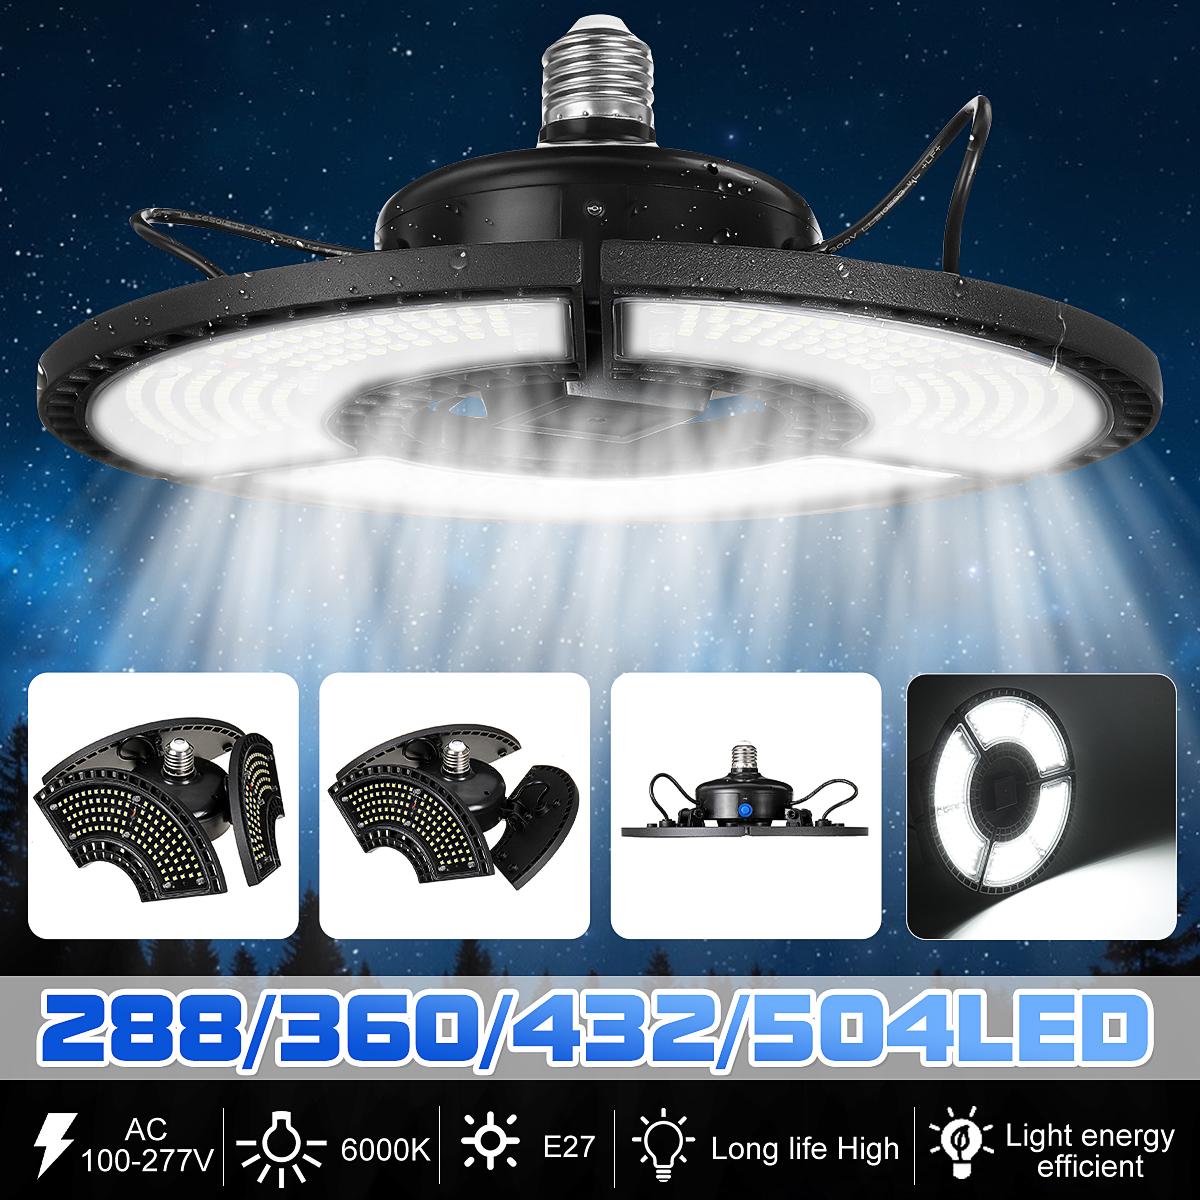 288/360/432/504LED Foldable E27 Garage Light Deformable Ceiling Light IP68